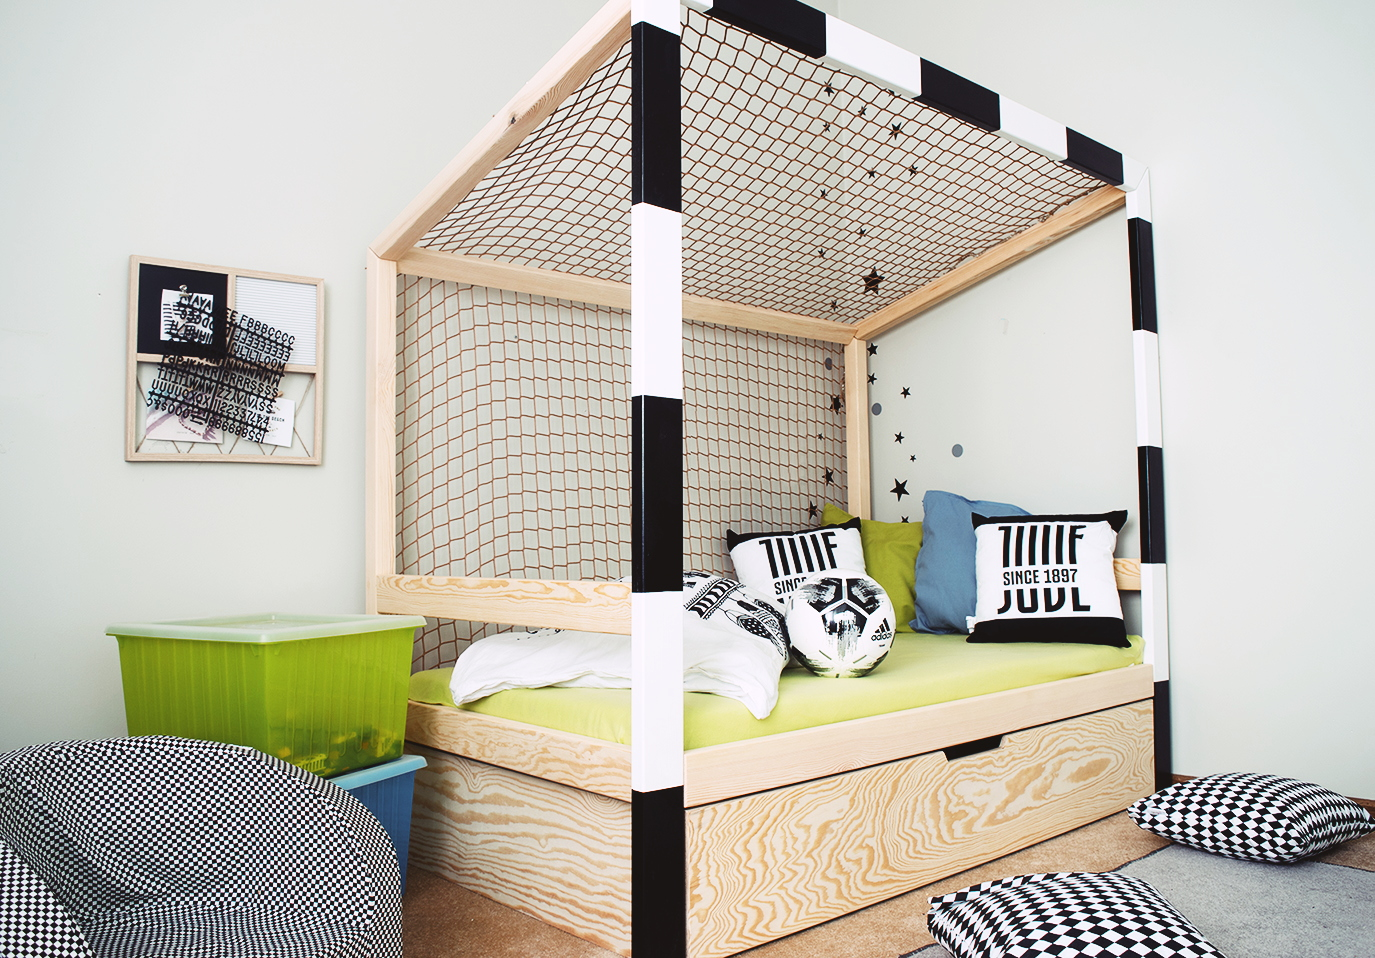 Full Size of Ausgefallene Betten Fuball Bett Kinderbett 1594 Minimidi Design Außergewöhnliche überlänge Landhausstil 140x200 Weiß Köln Meise Innocent Massiv Bett Ausgefallene Betten